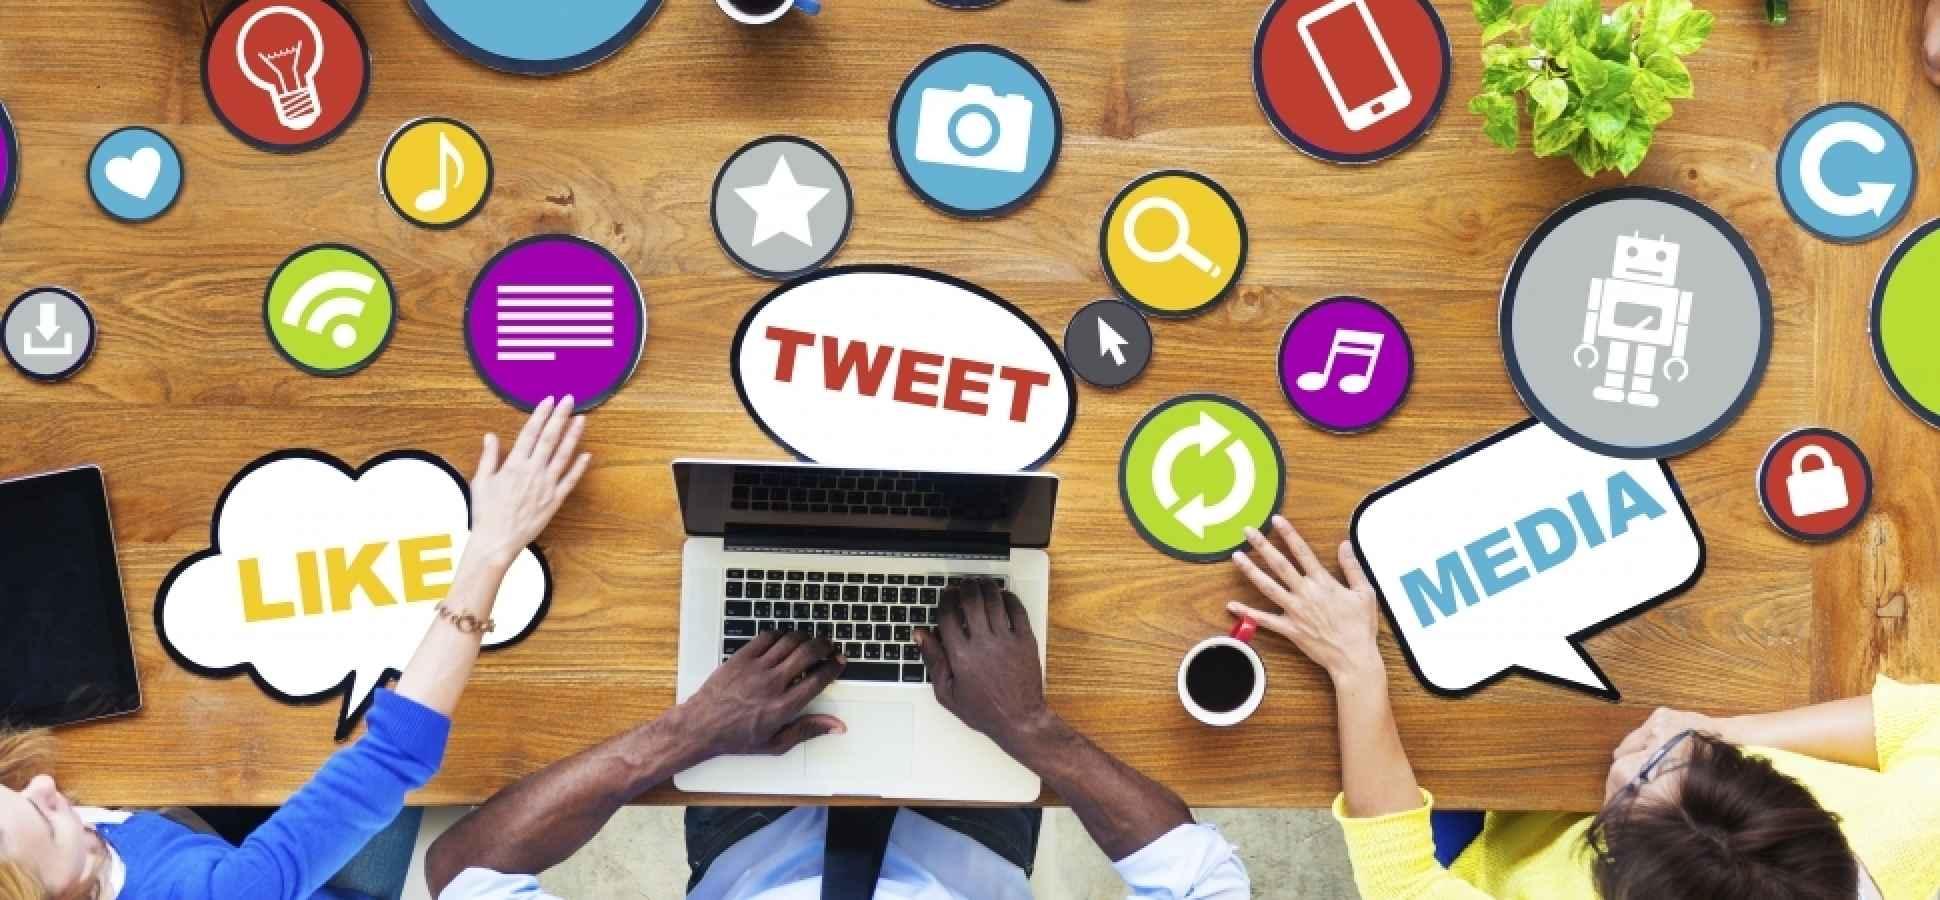 5 Ways Social Media Increases Company Values